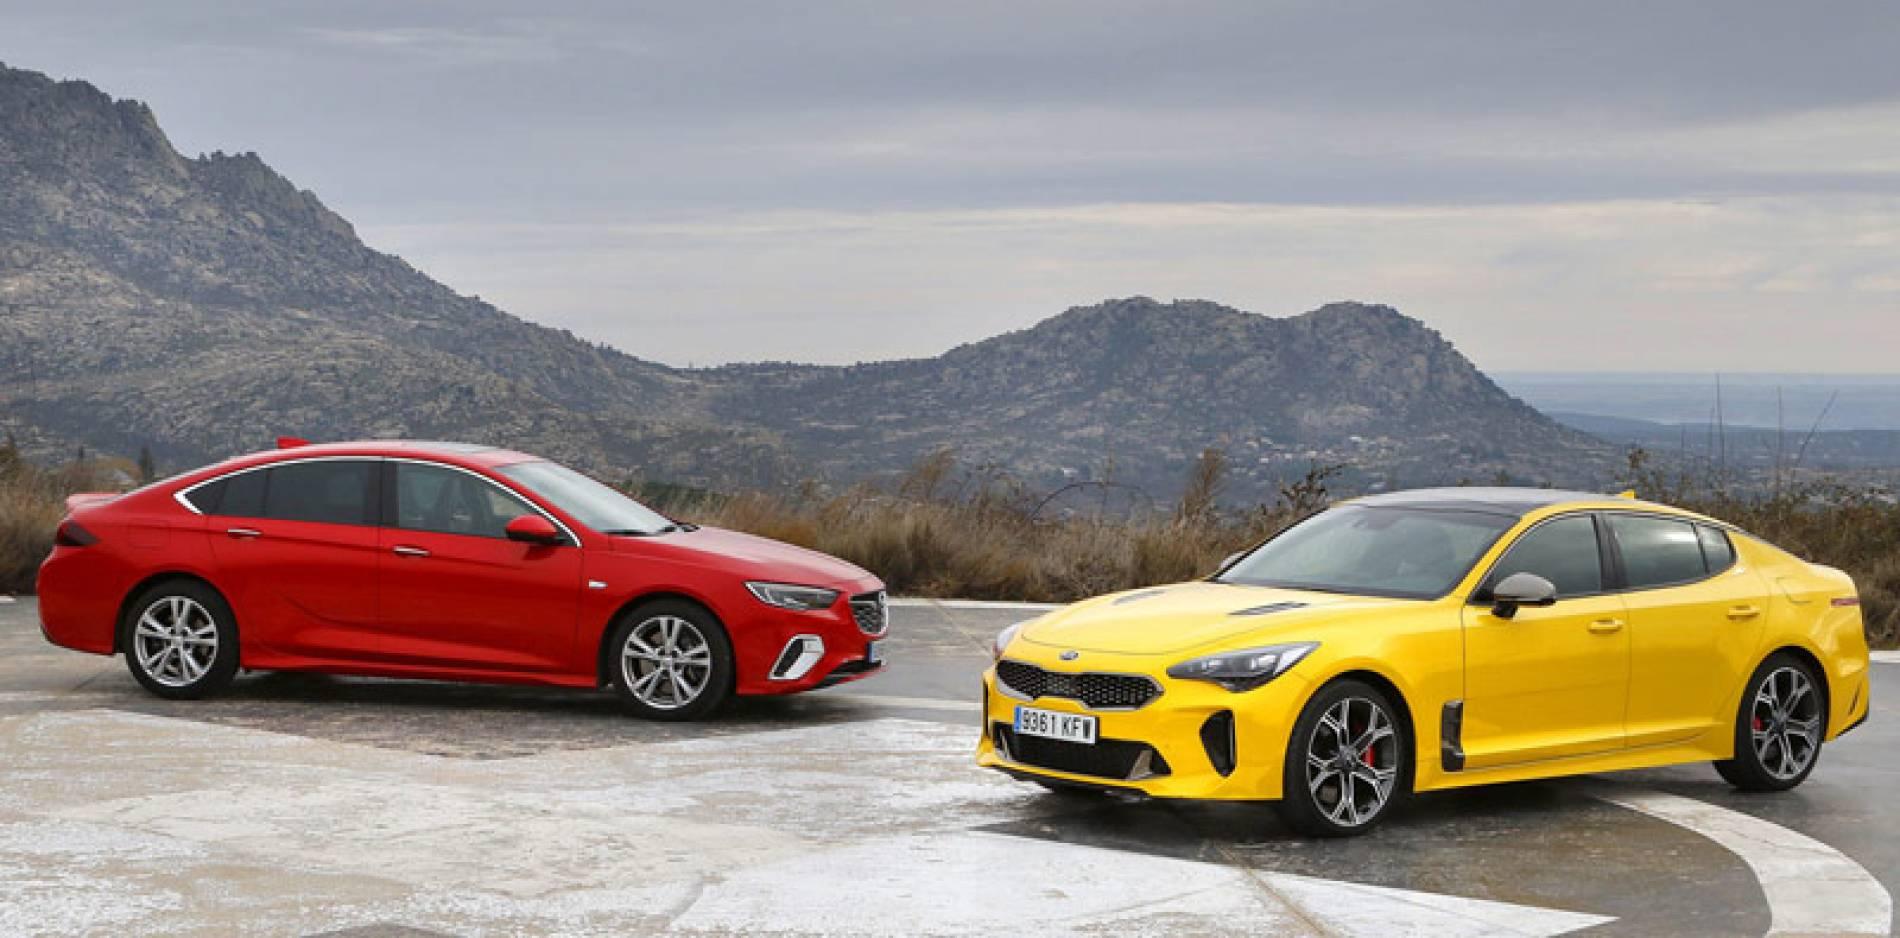 Comparativa de berlinas deportivas: Opel Insignia GSi vs Kia Stinger GT, placer para adultos